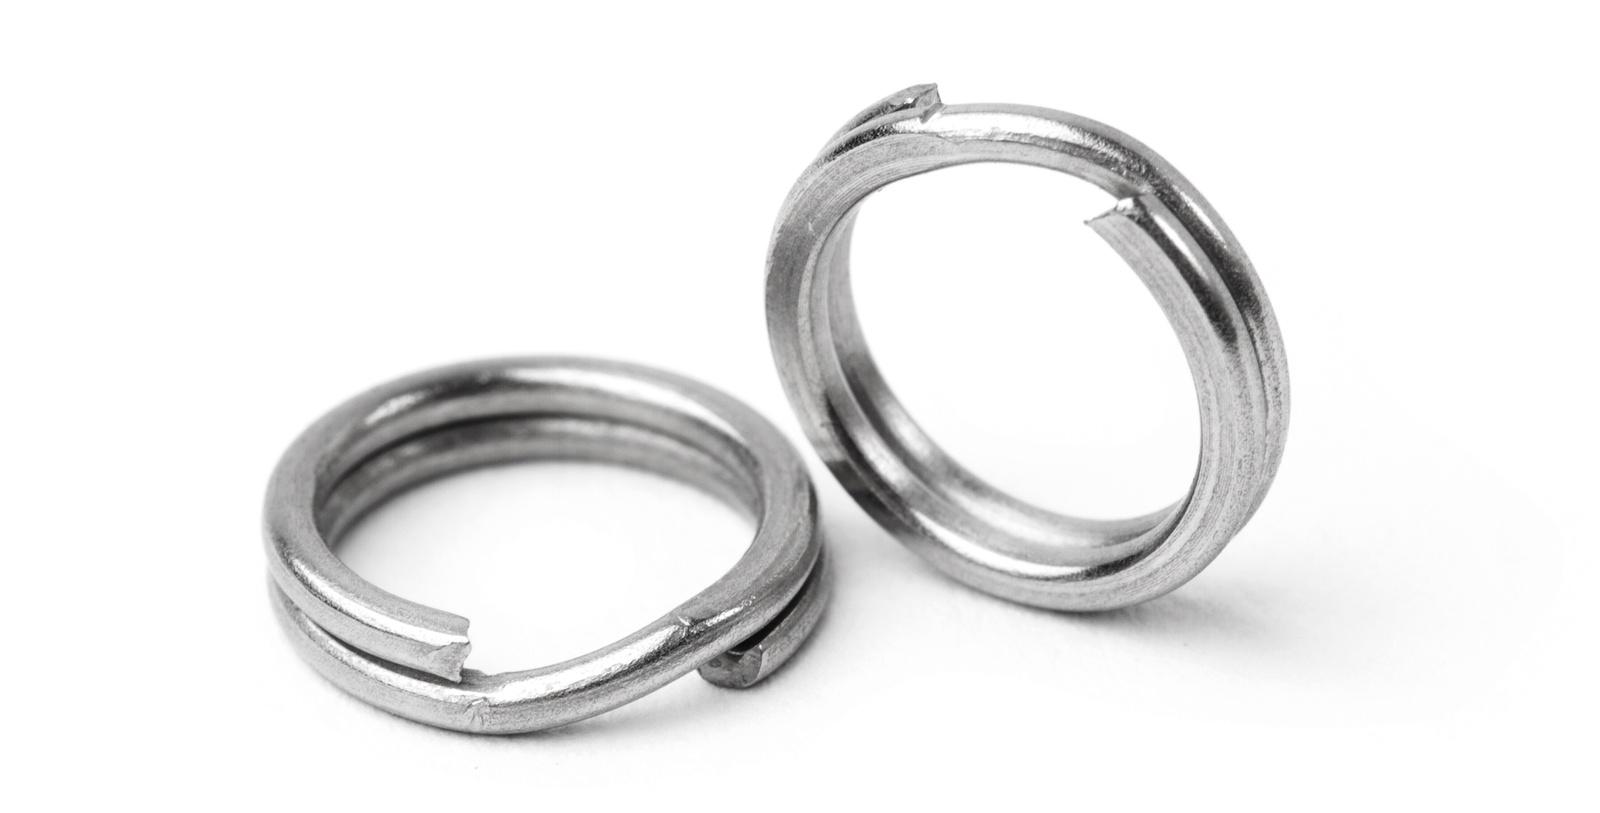 Оснастка рыболовная AGP заводные кольца, серый, темно-серый, серебристый